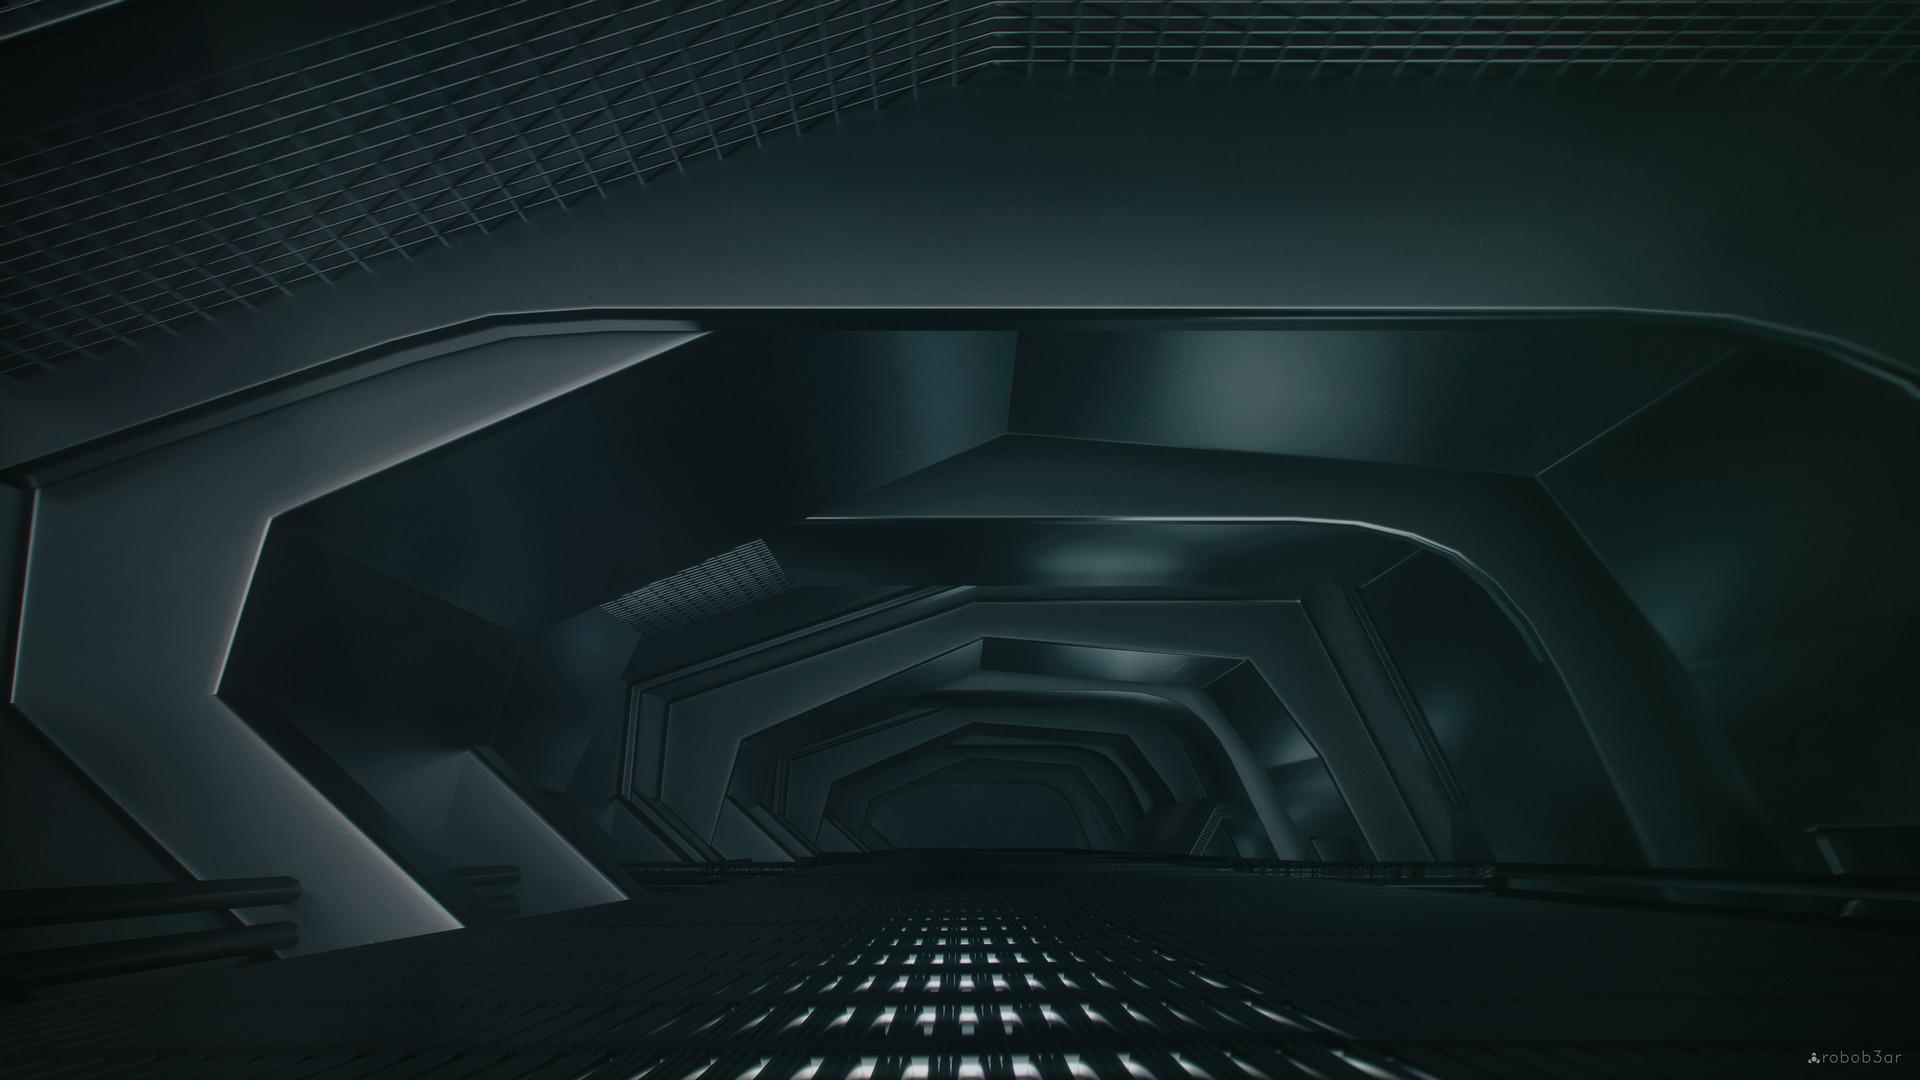 Kresimir jelusic robob3ar 452 080117 tunne psl